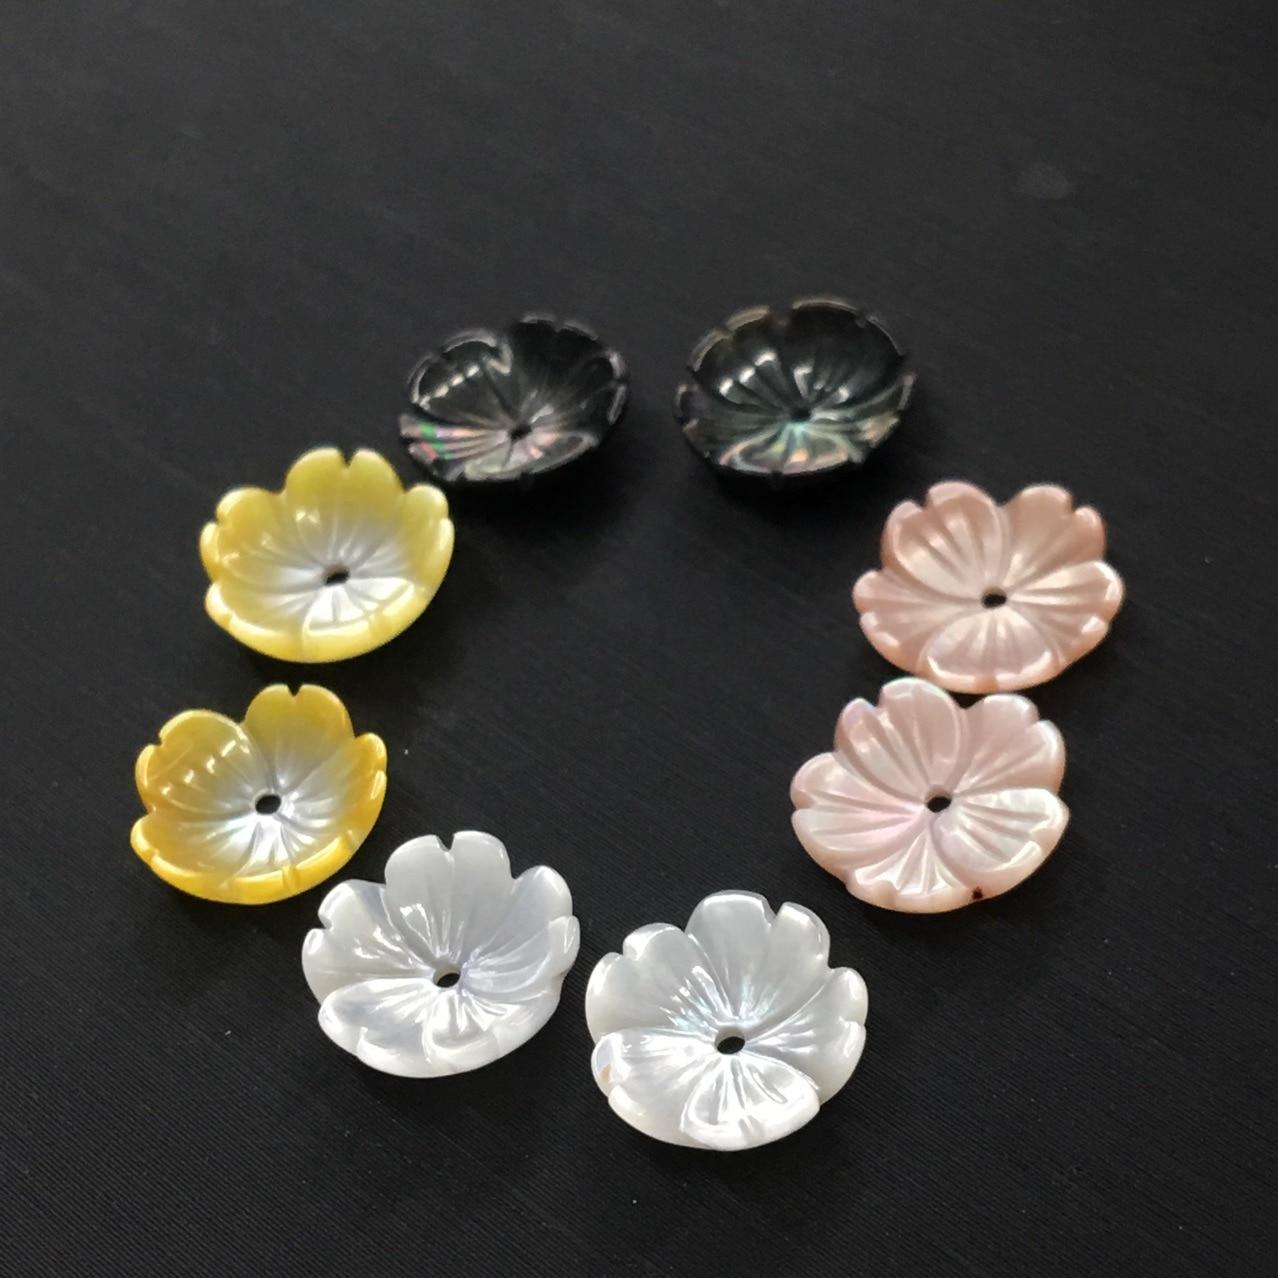 10 Uds. Modelos de pendientes de flores de concha de cinco pétalos de cuatro colores diy pulsera de abalorios de joyería suelta accesorios 8-10mm